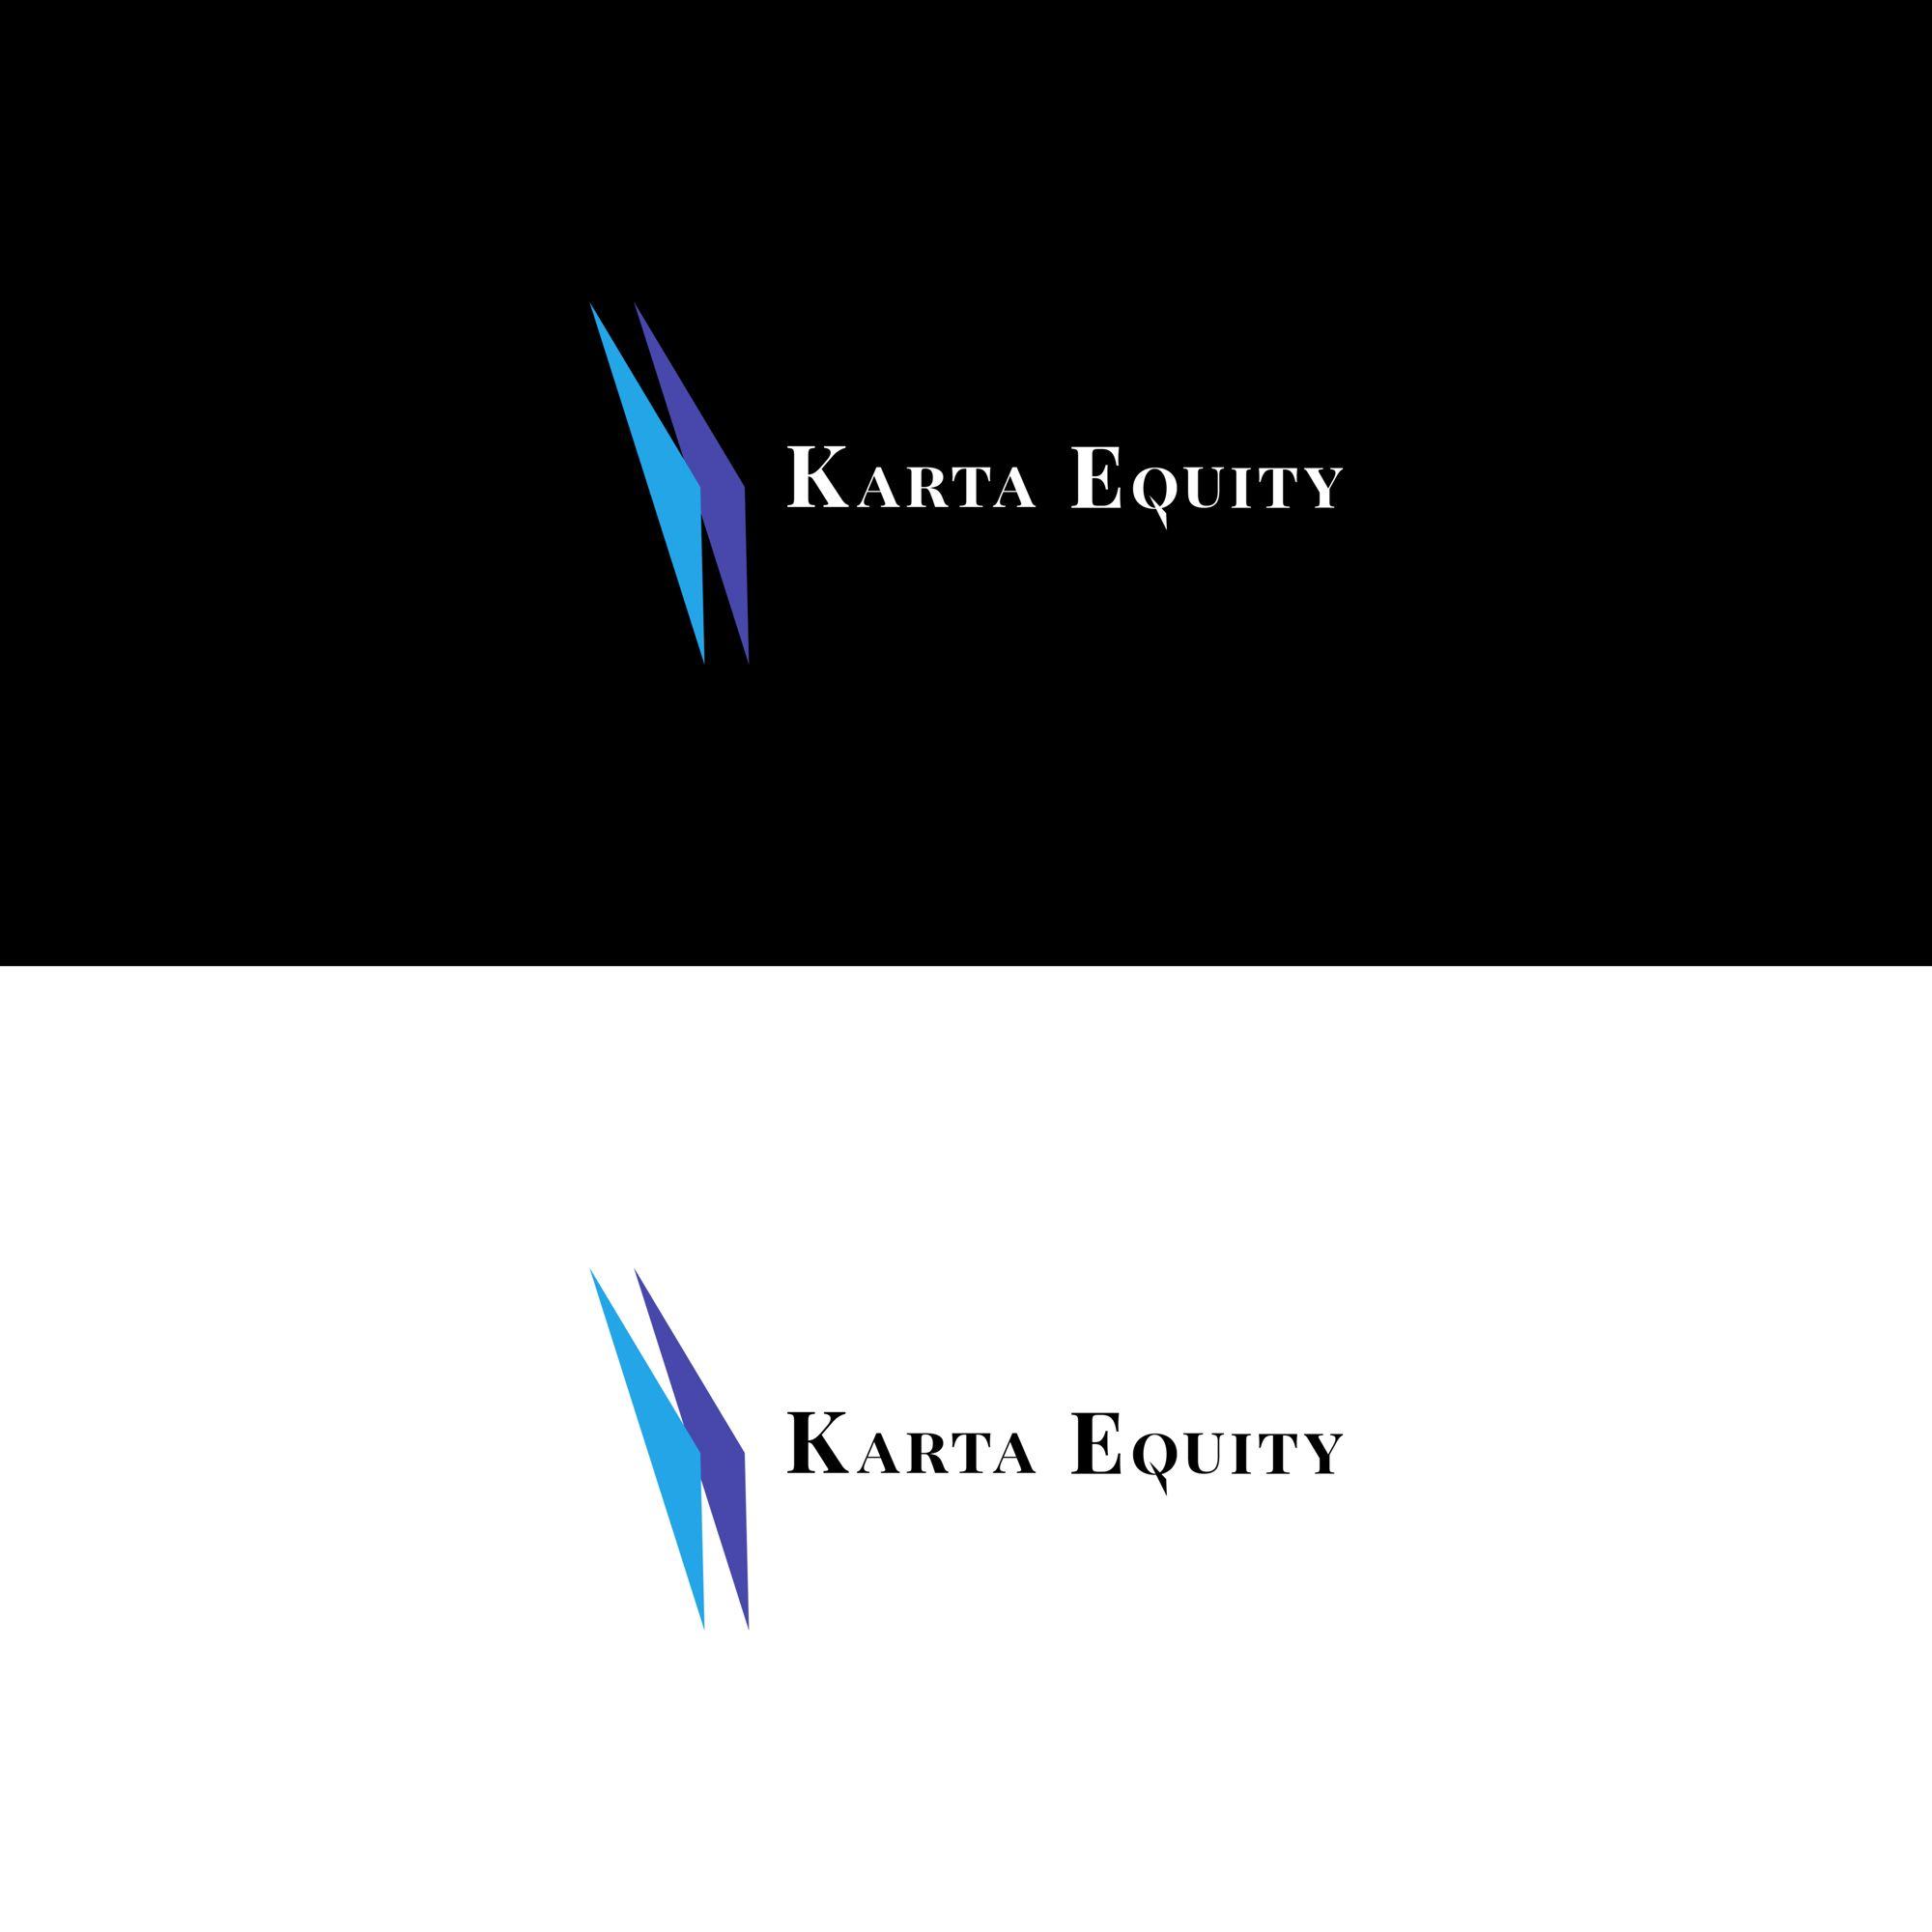 Логотип для компании инвестироваюшей в жилую недвижимость фото f_6275e162c9a12c56.jpg